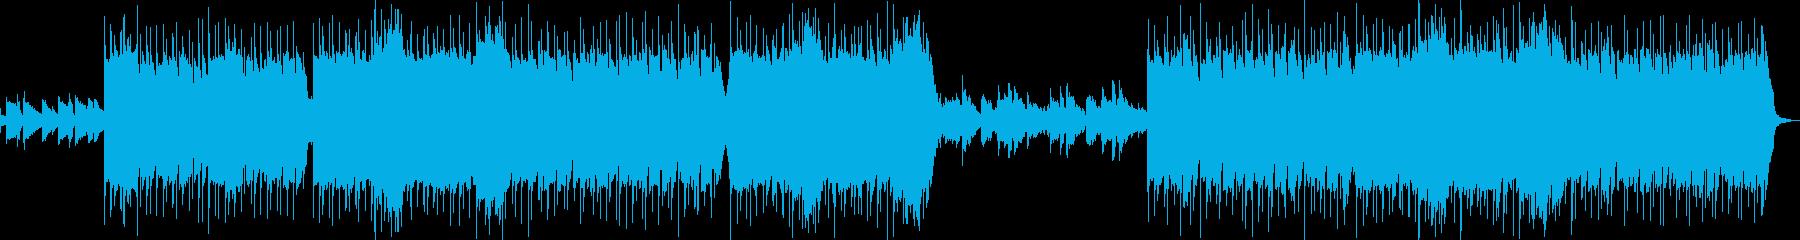 ギターと女性の声・チルでLoFiなビートの再生済みの波形